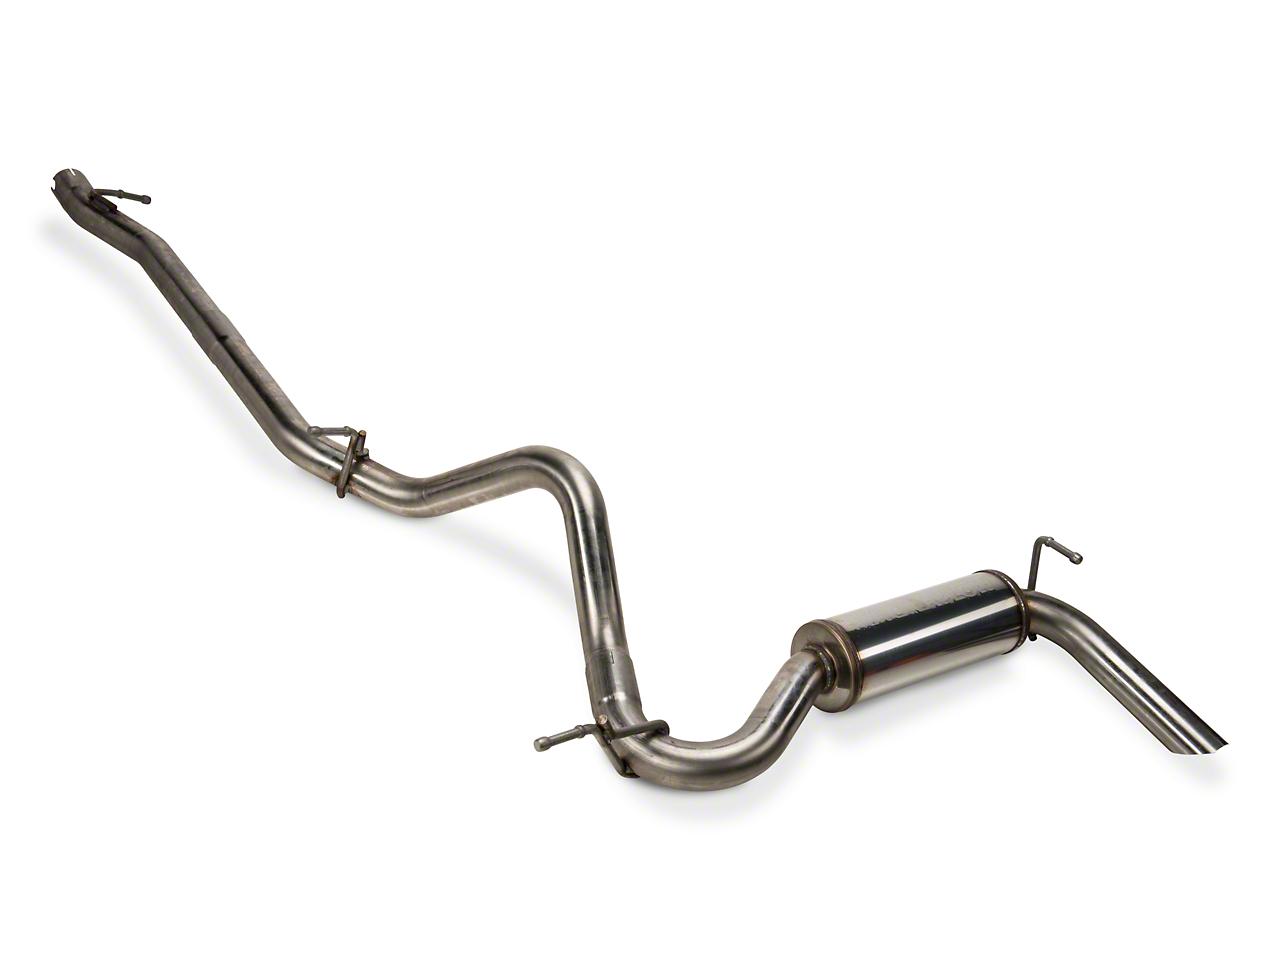 Magnaflow Competition Series Cat-Back Exhaust (07-10 Wrangler JK 2 Door)